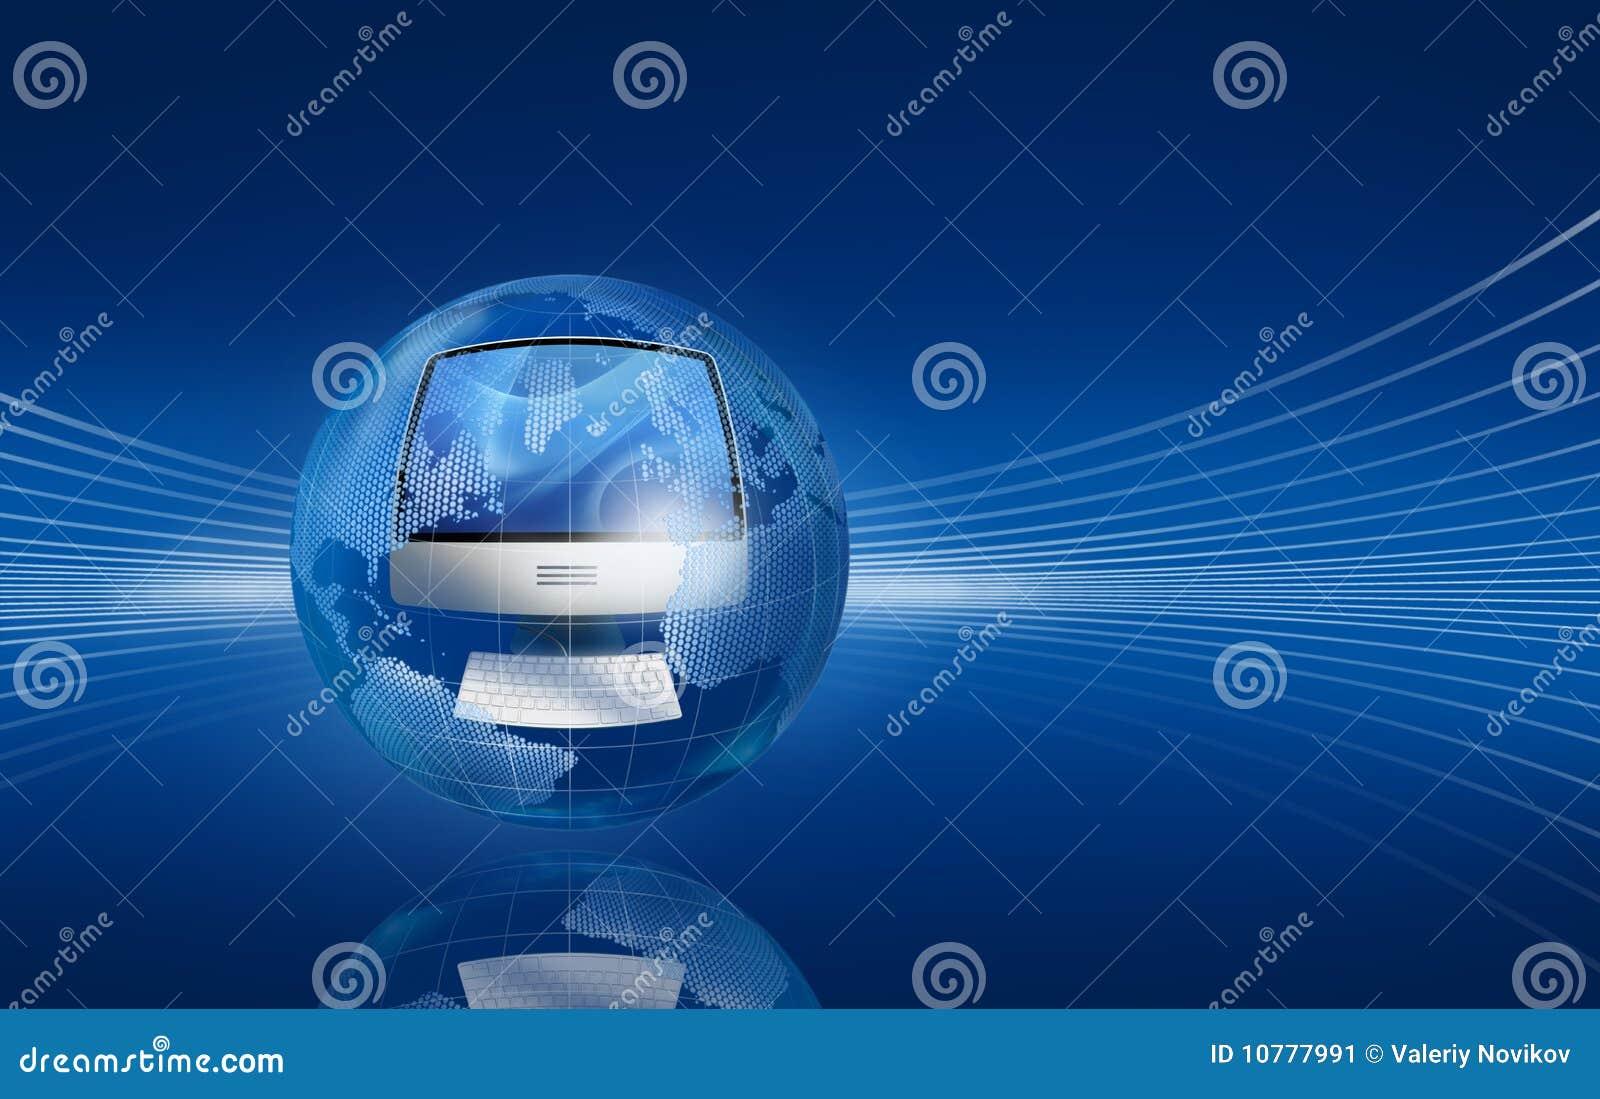 De computer in de bol op donkerblauw